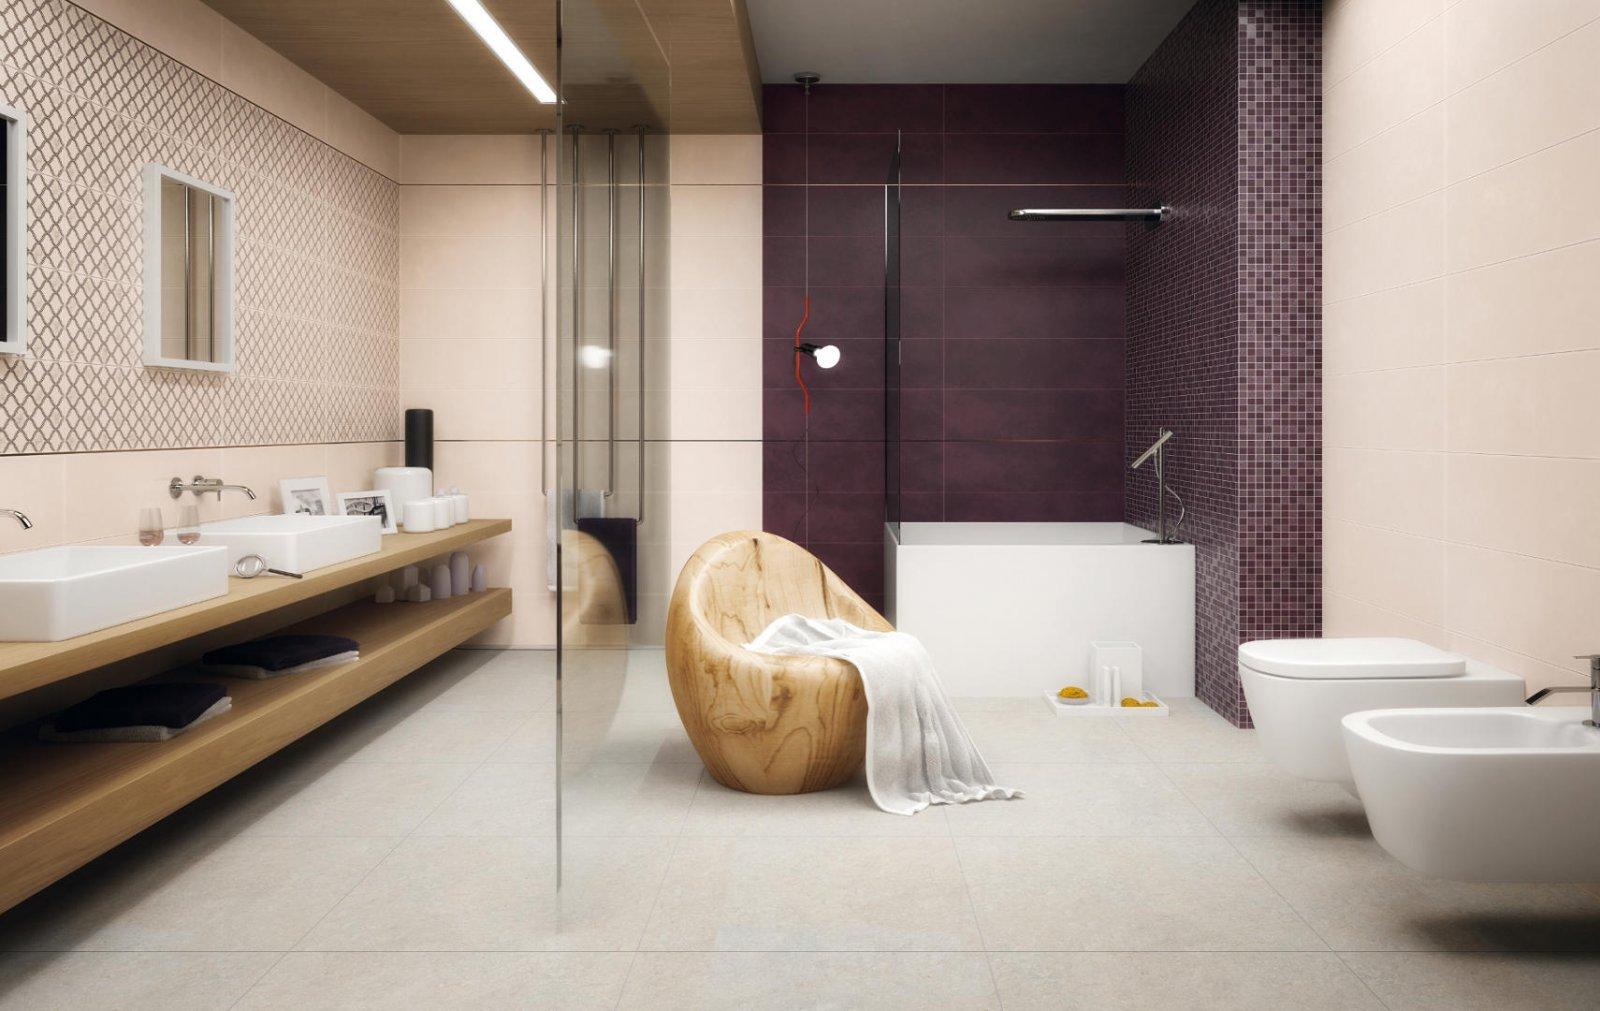 Cuartos de ba o ecol gicos - Fotos cuartos de bano ...